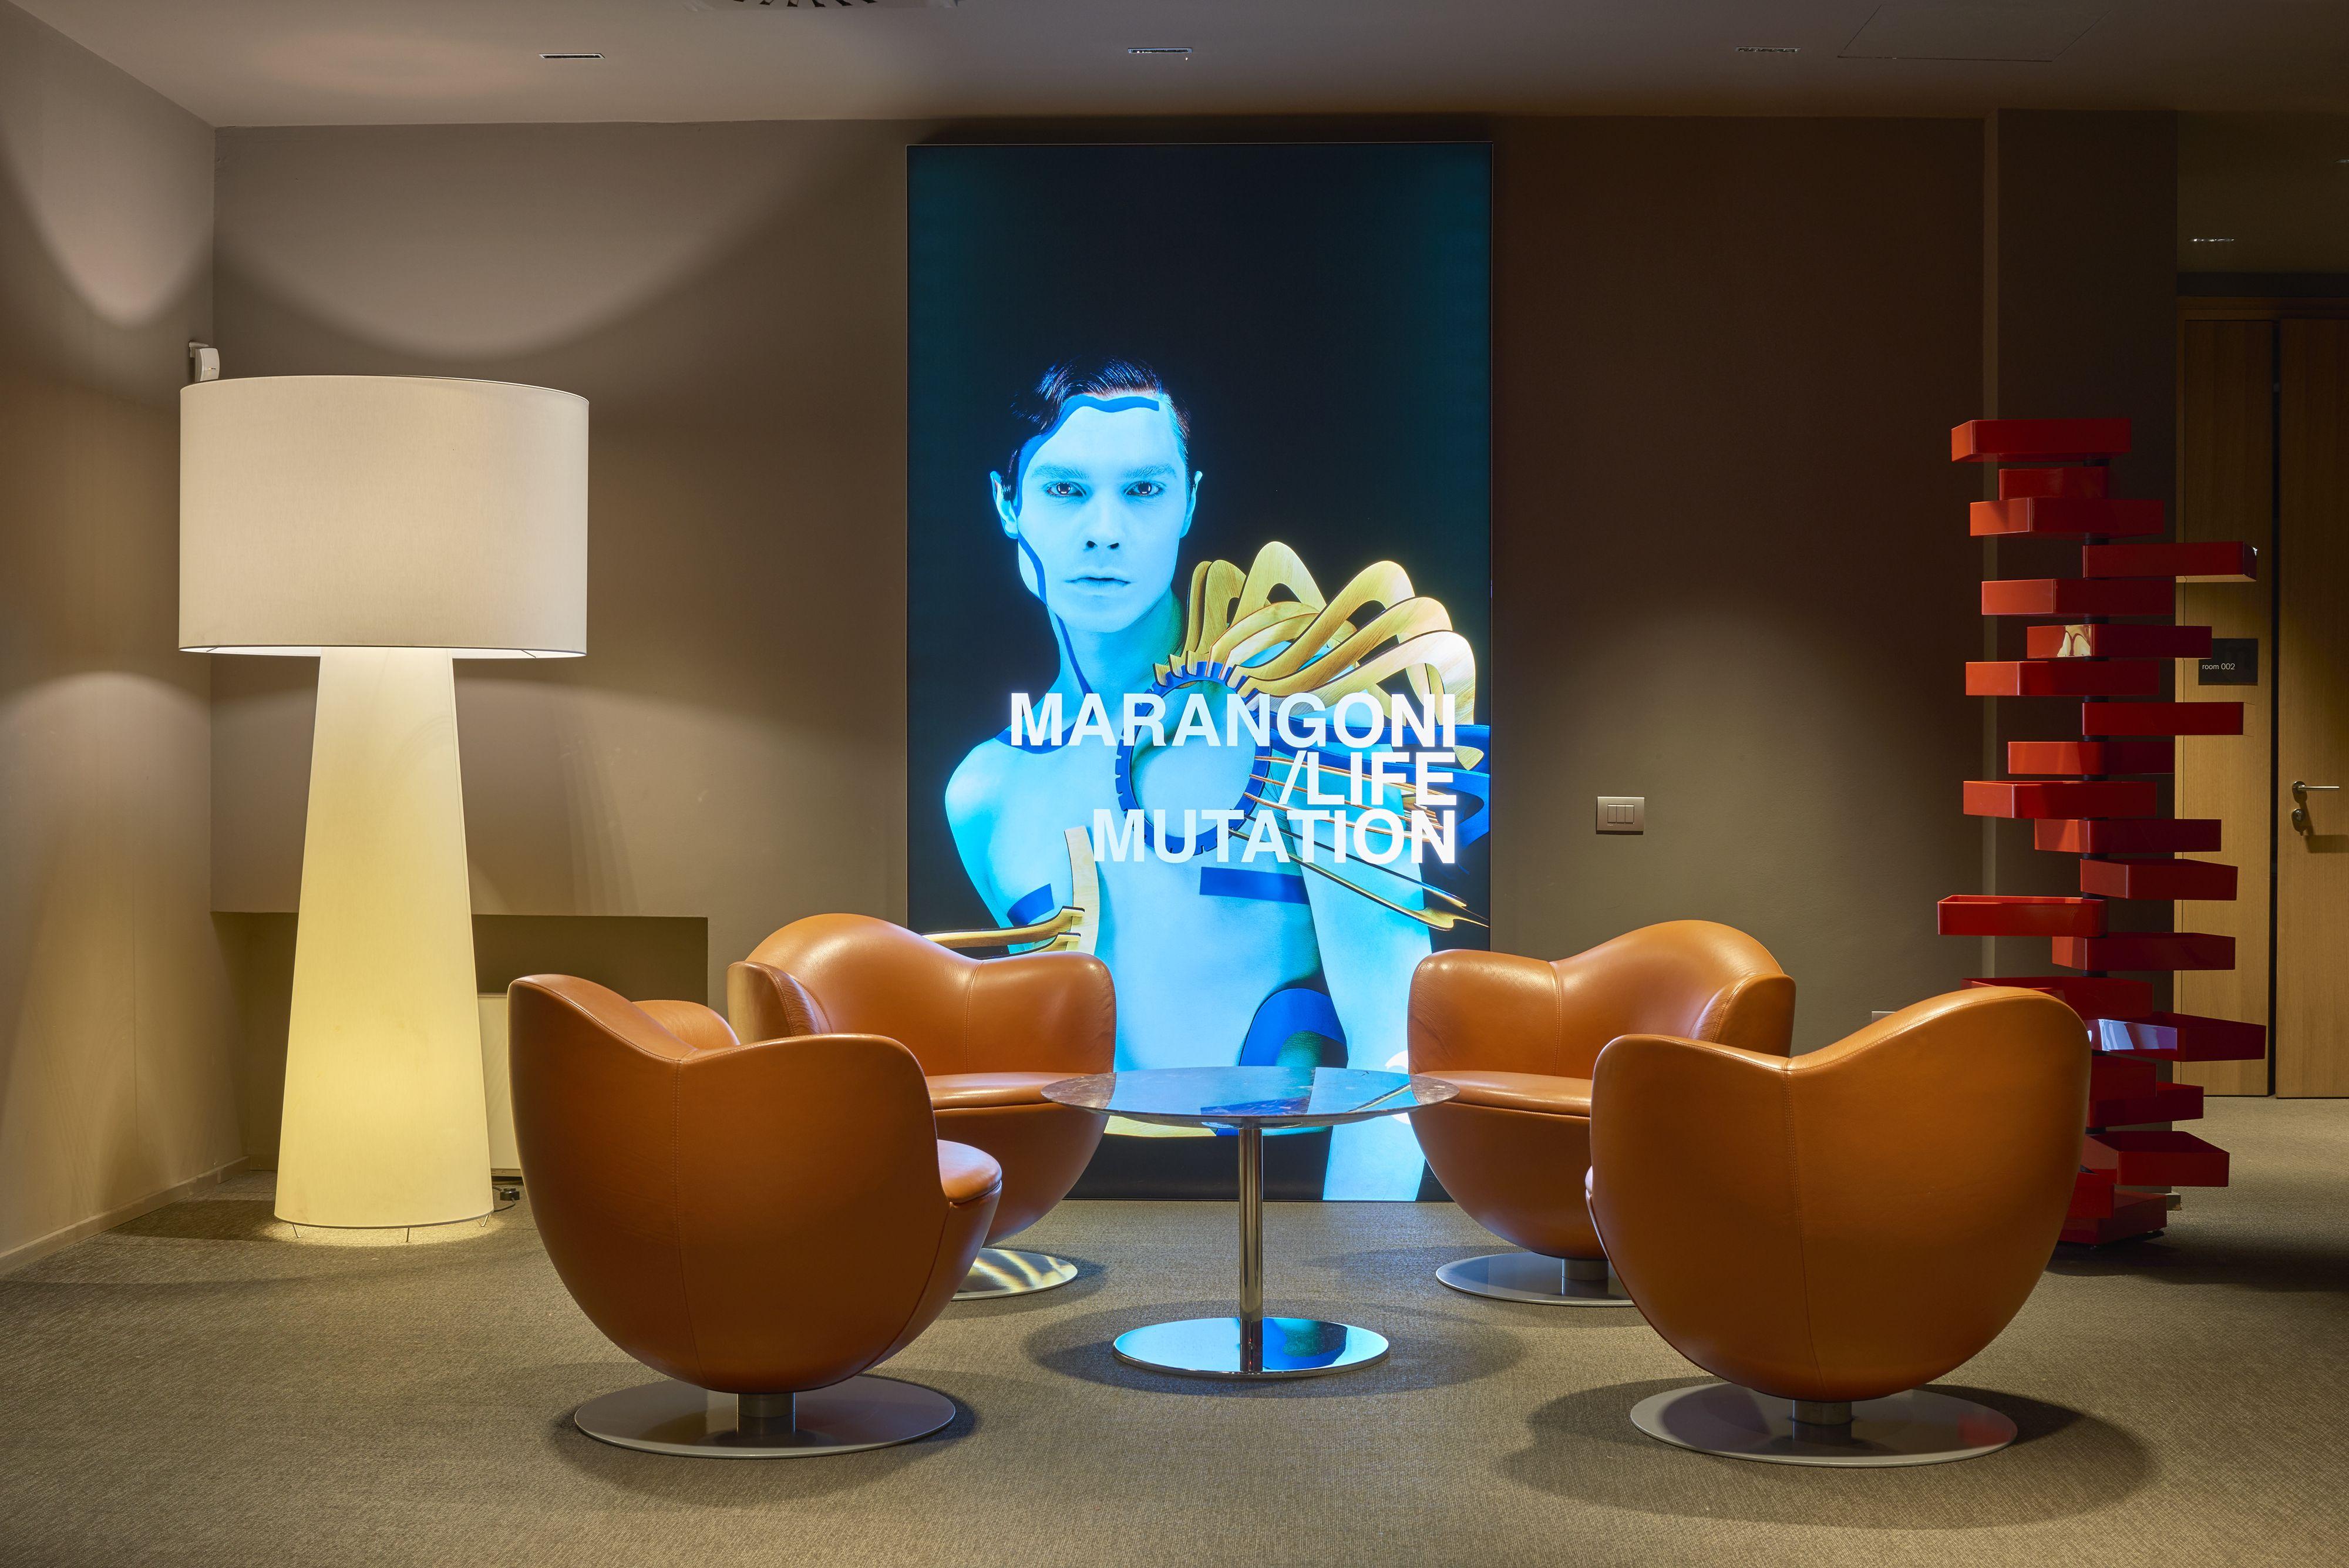 Obiettivi, requisiti, destinatari e costi. Marangoni Institute Milan Design School The Open Day Becomes Digital